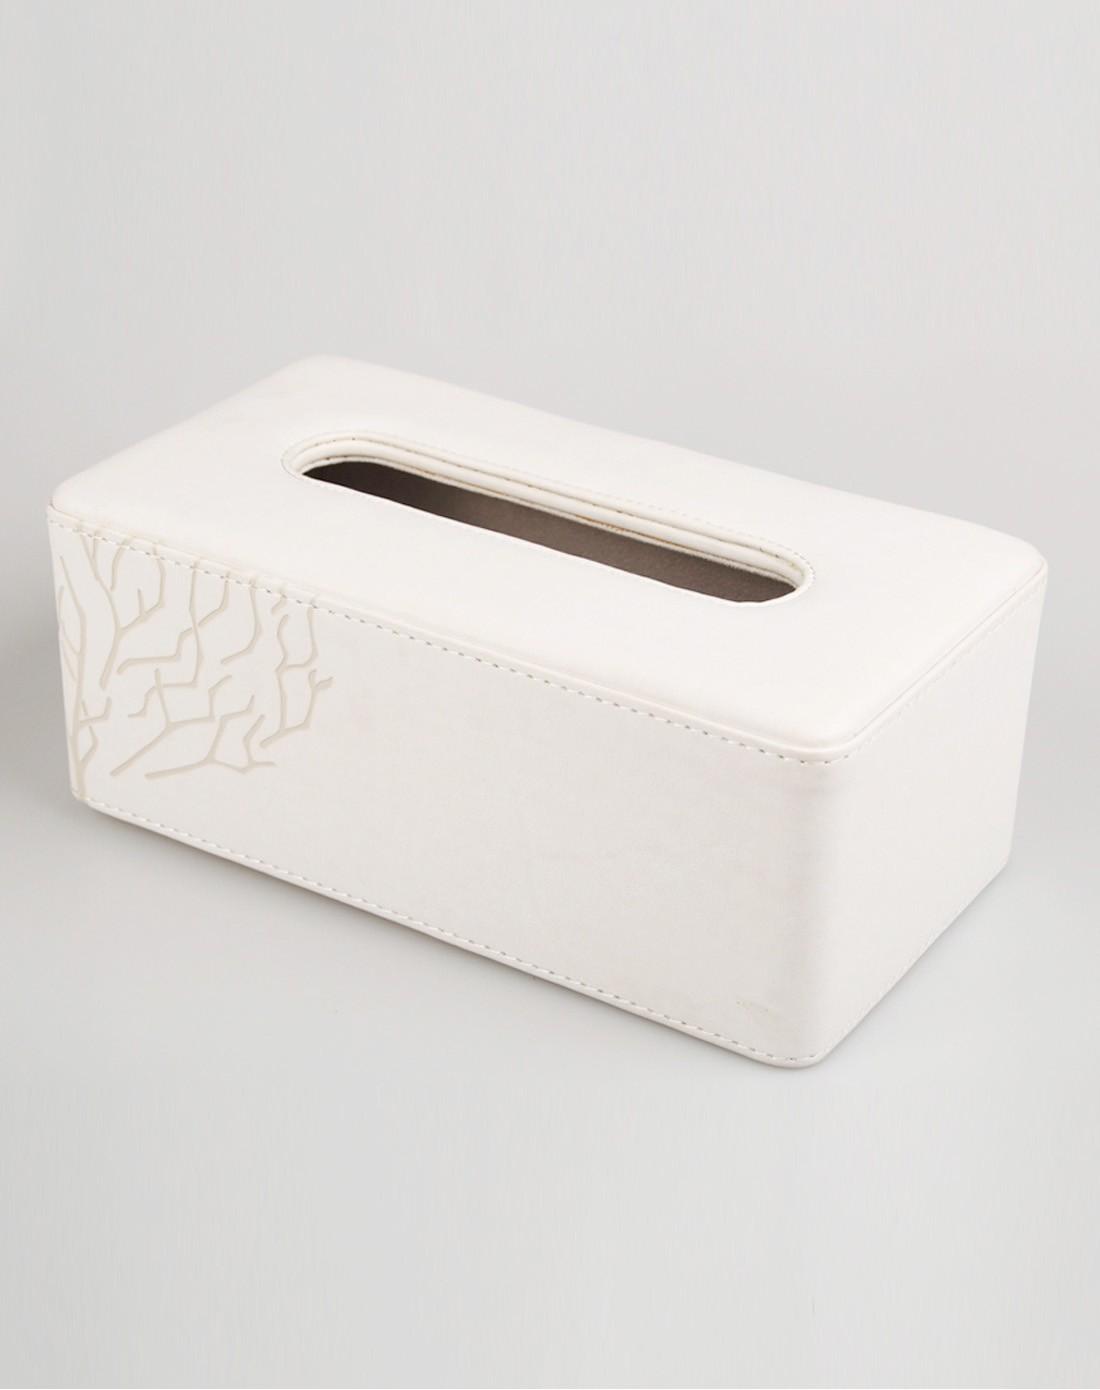 变色pu长纸巾盒(白色)图片